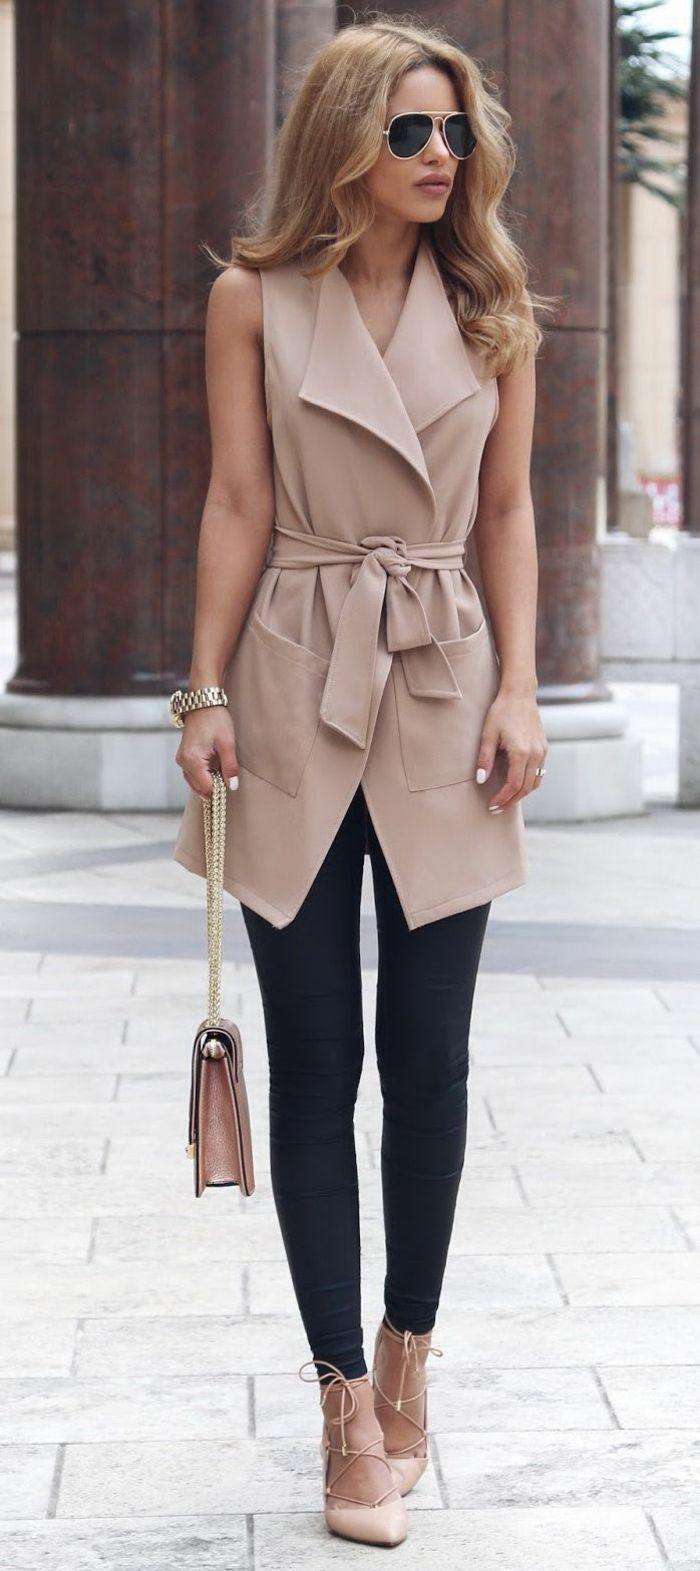 tenue classe femme tendance sans manches manteau Mode femme élégante et  tendance Blogueuse Consultante en image 5d2c91ba0d0